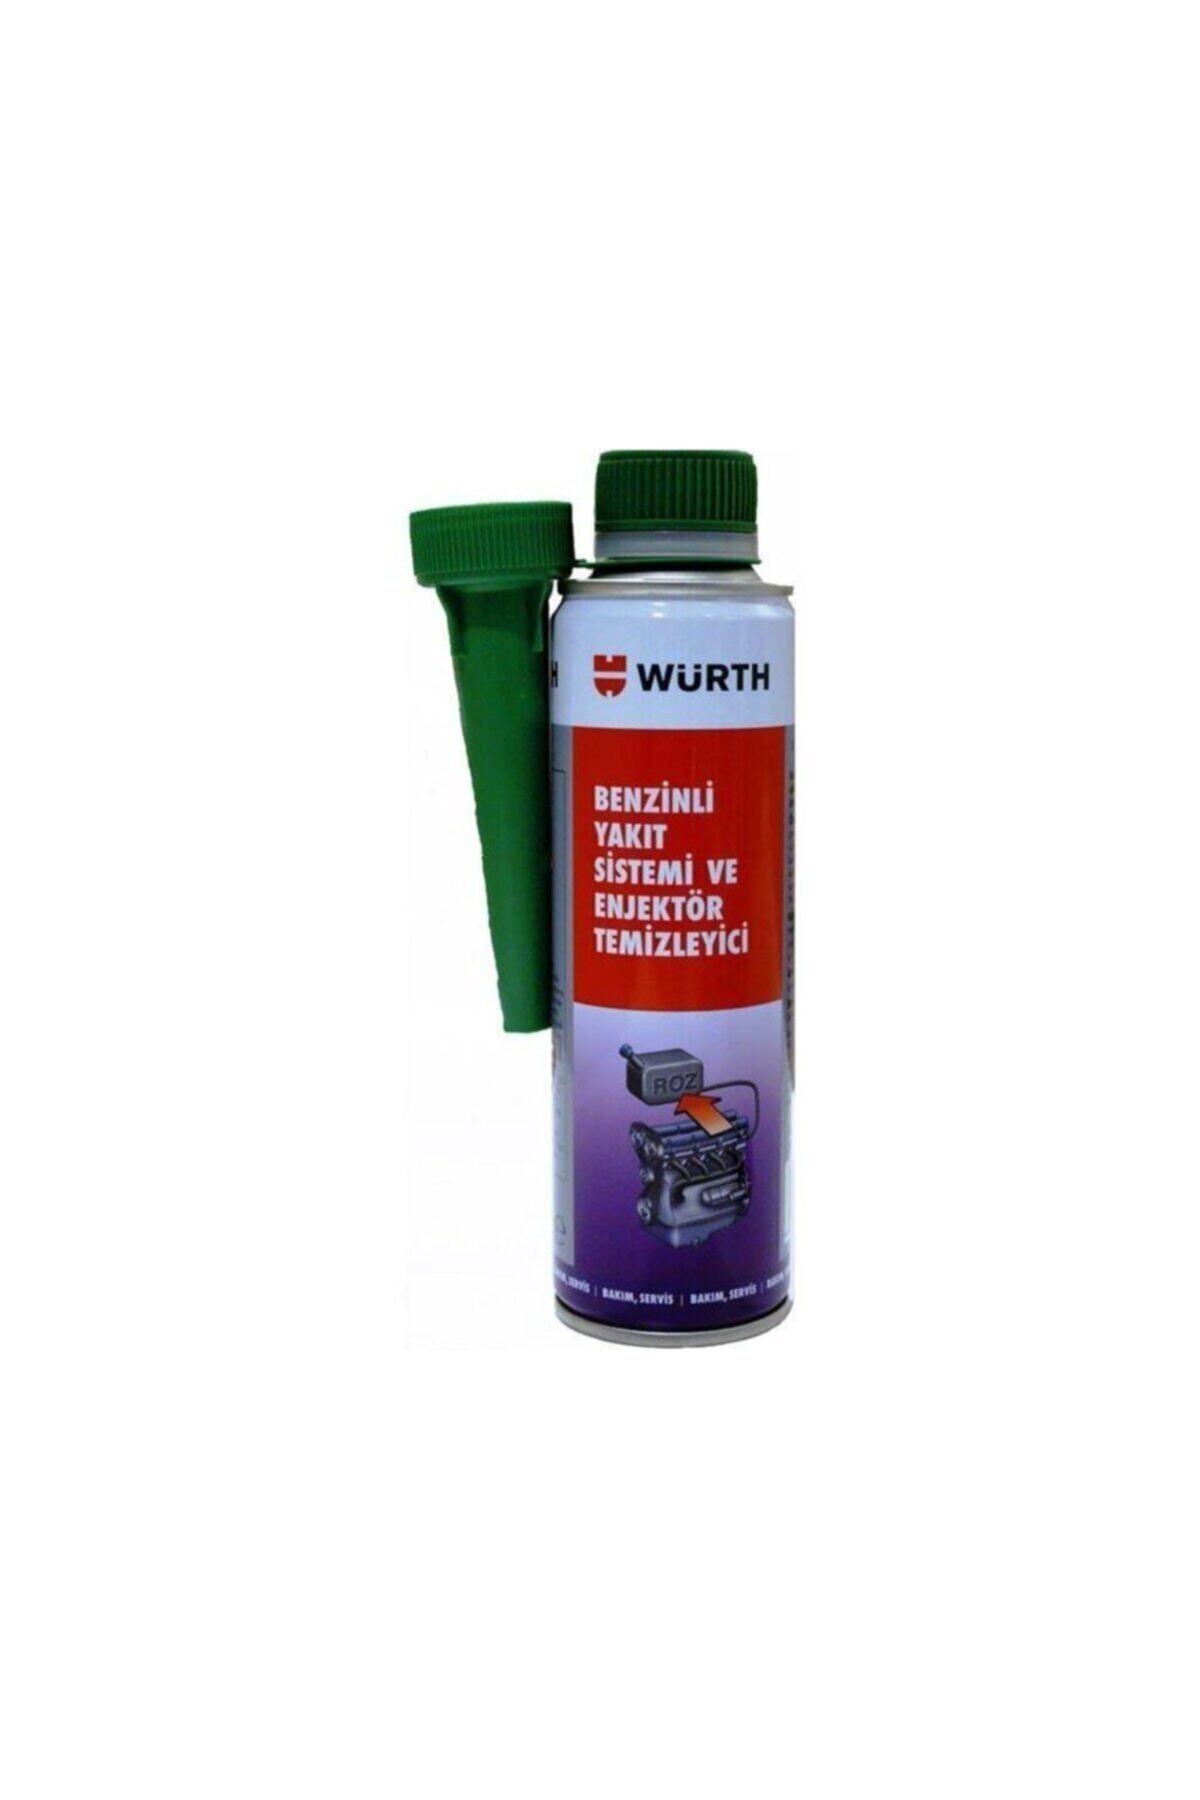 Würth Benzinli Yakıt Sistemi Ve Enjektör Temizleyici 300ml 1